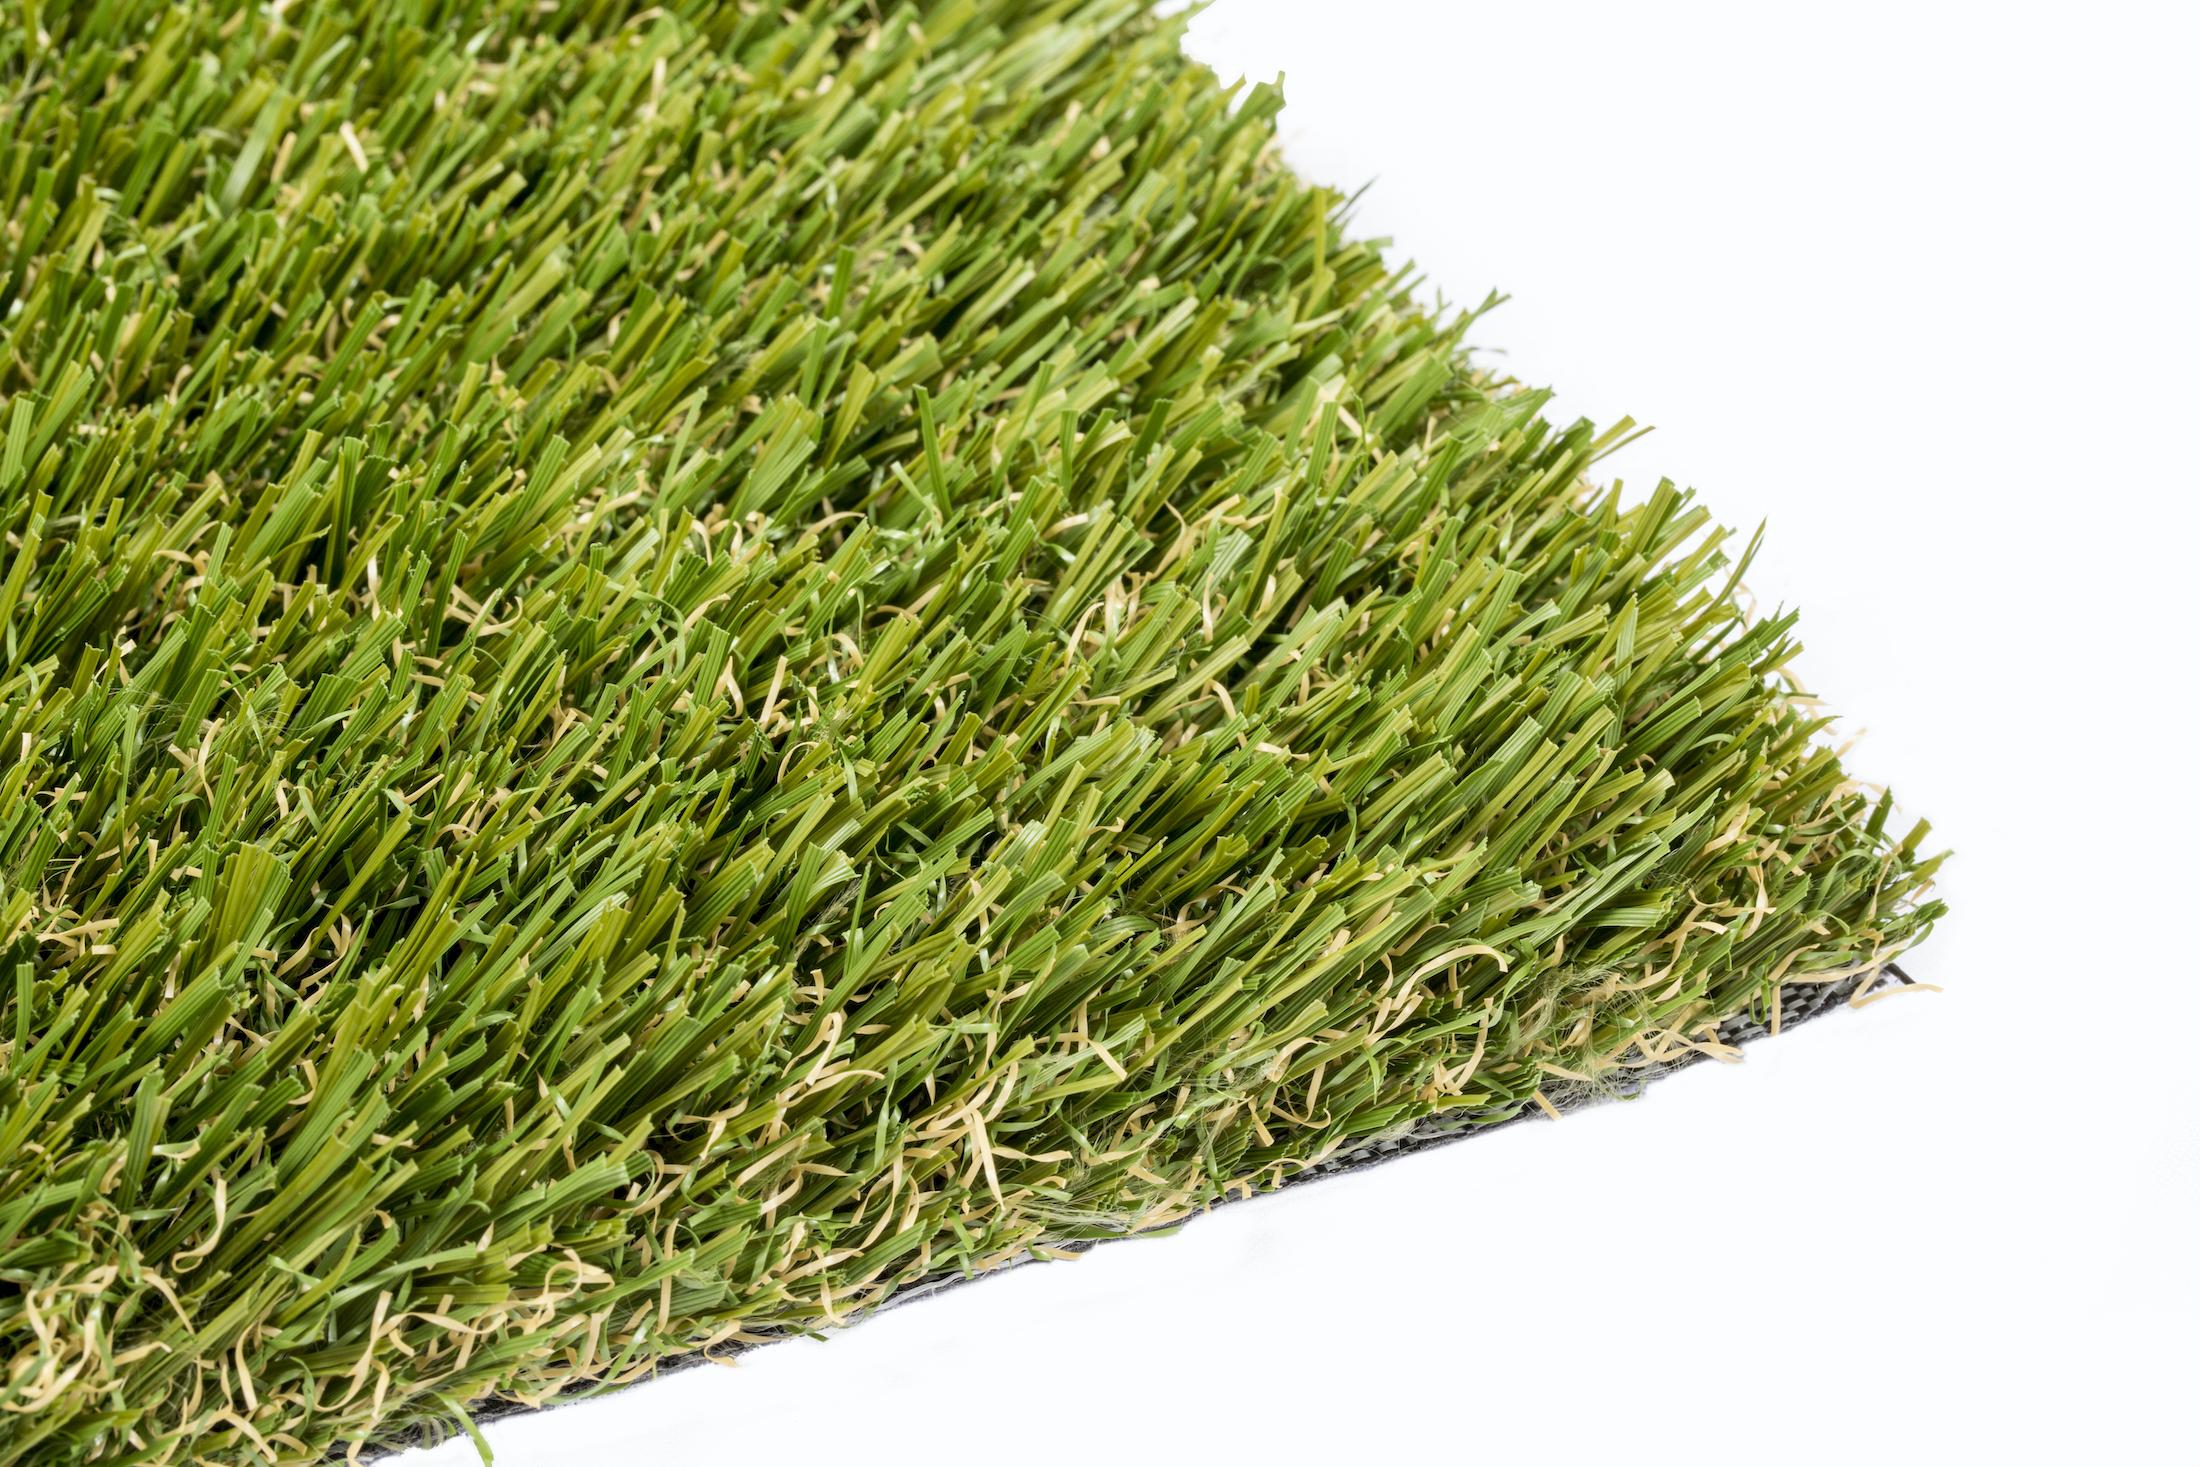 Natural Lawn Turf